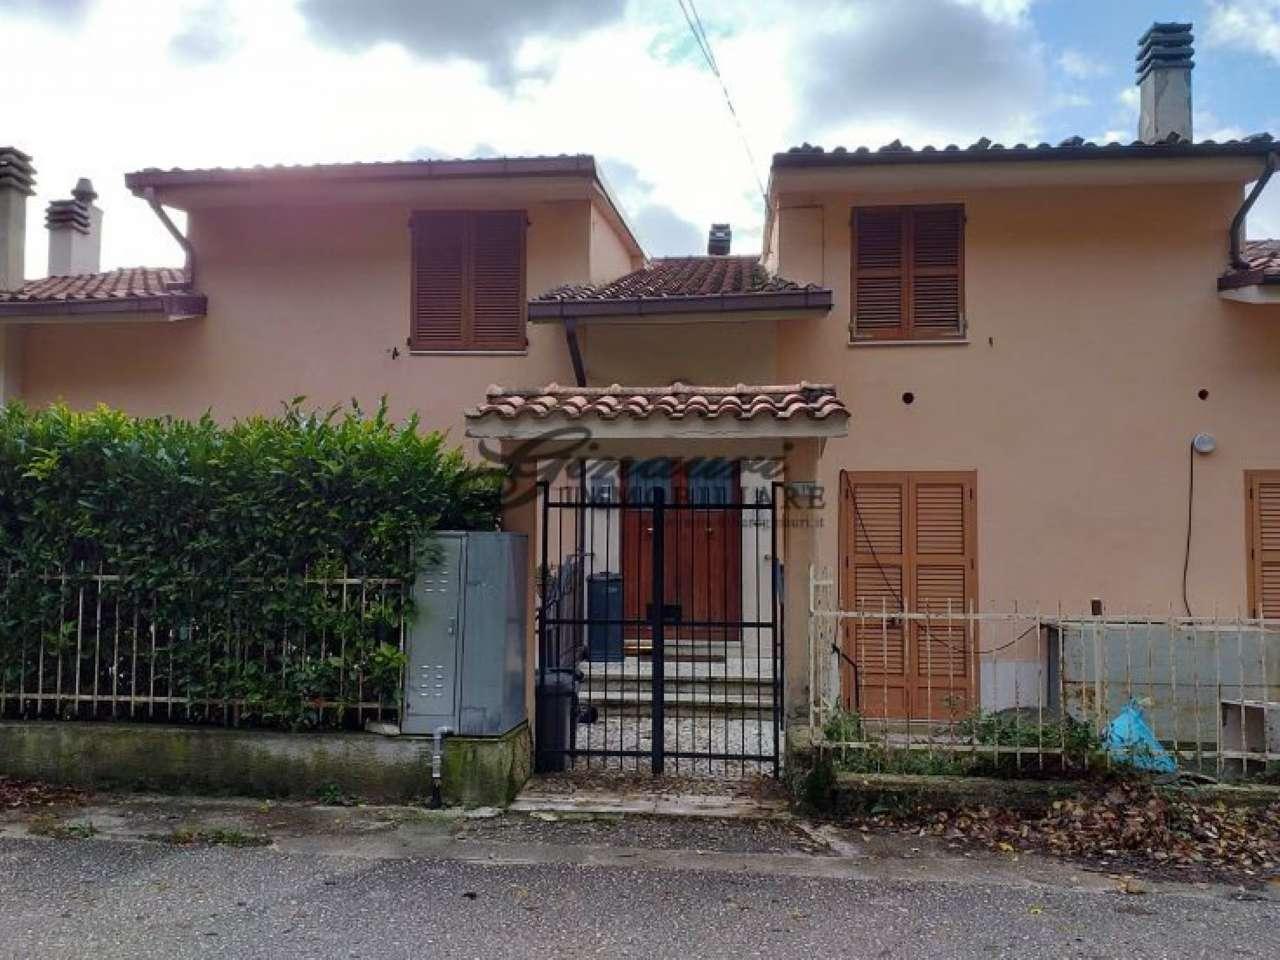 Appartamento in vendita a Sassoferrato, 4 locali, prezzo € 50.000 | CambioCasa.it